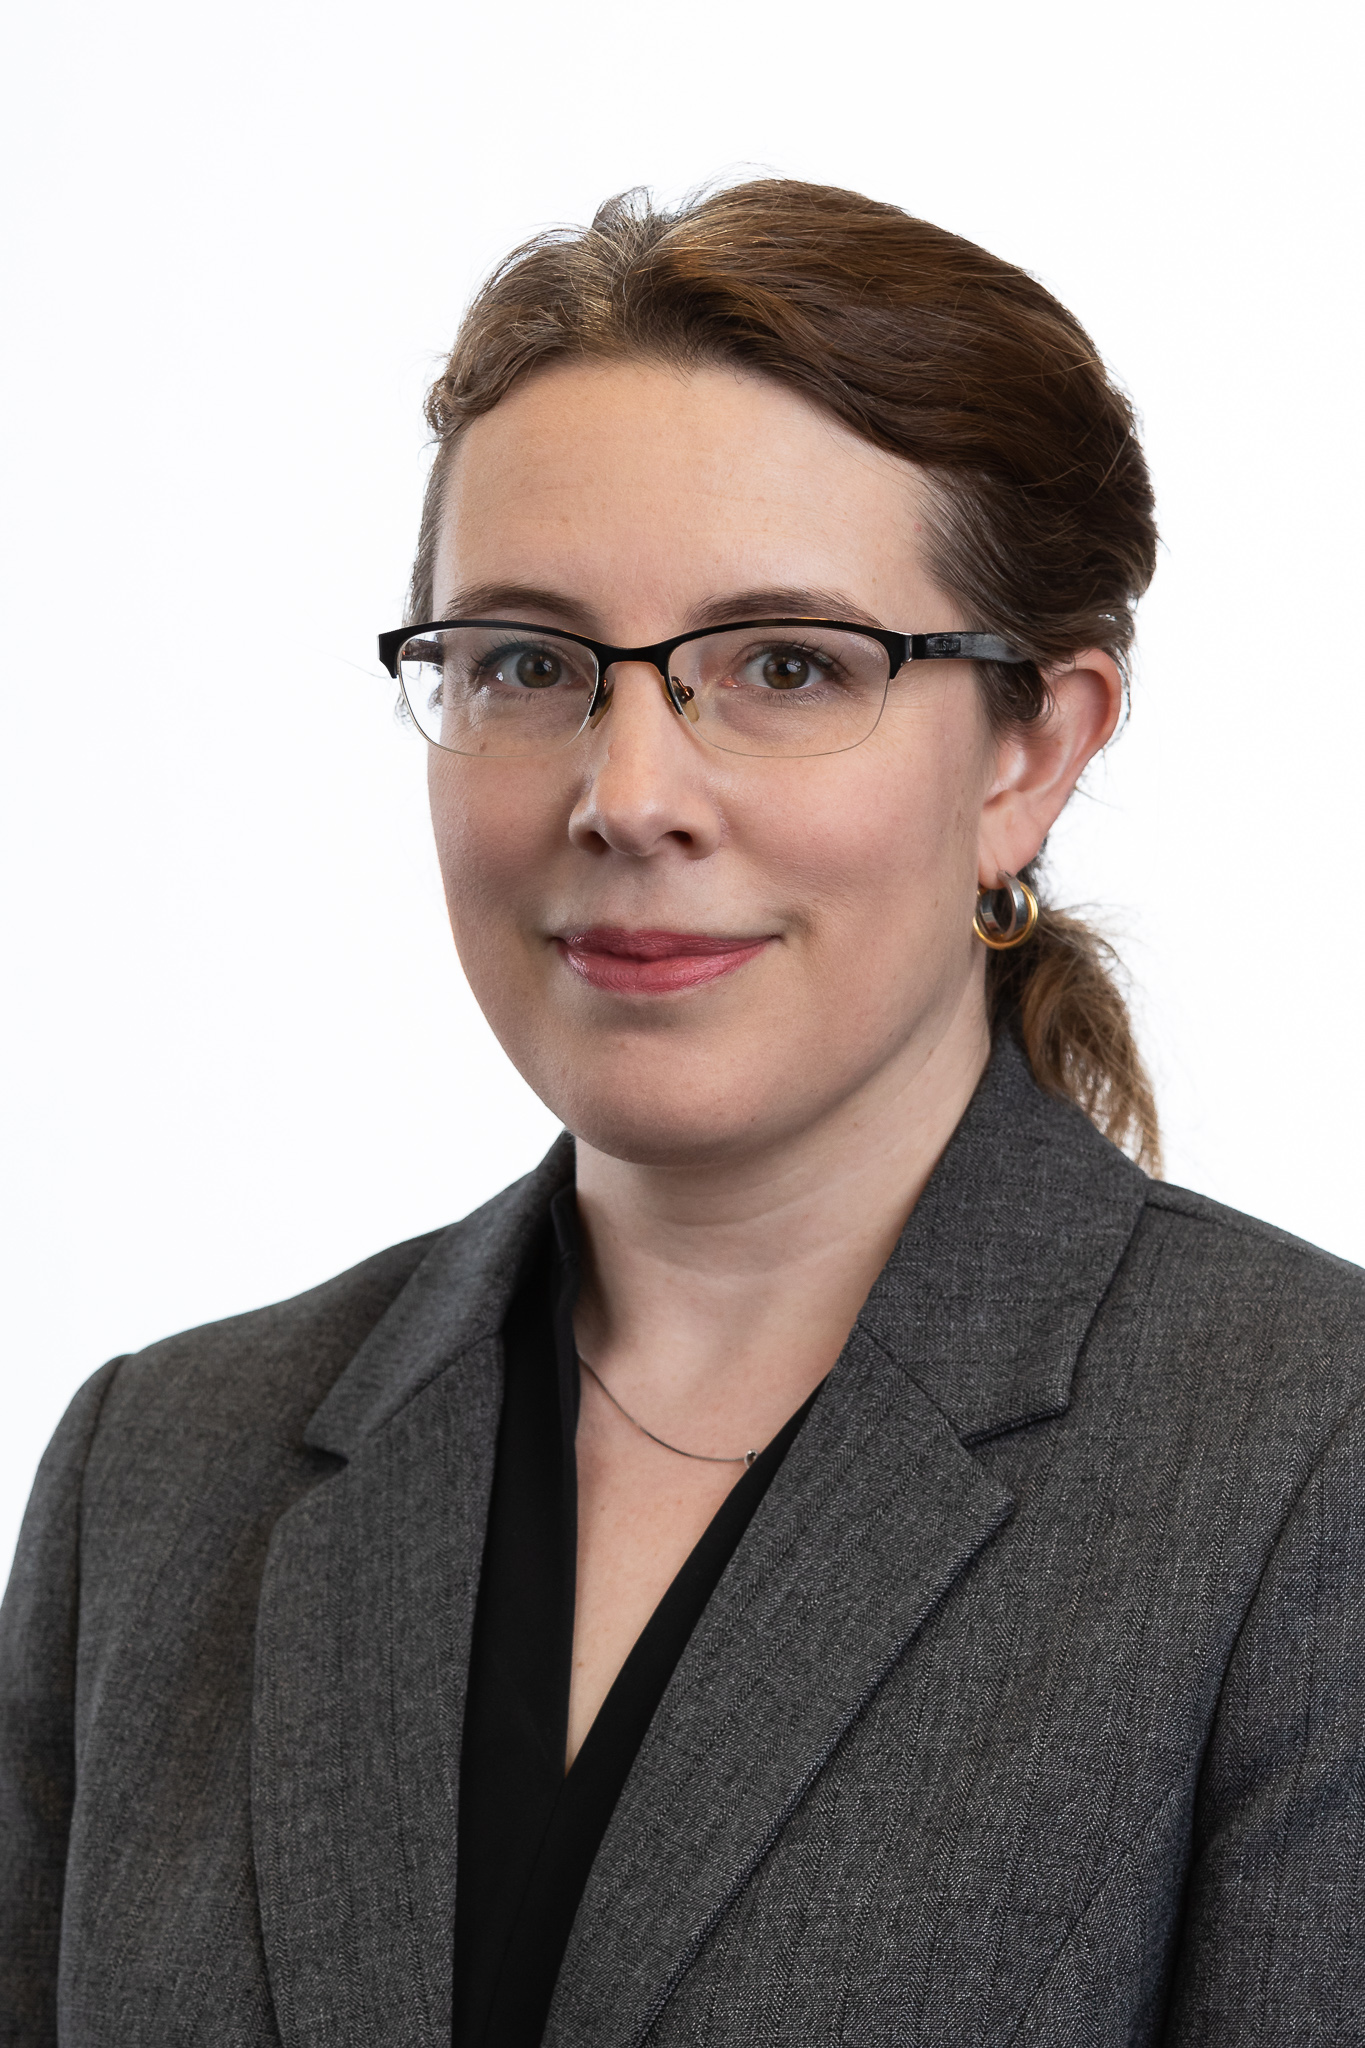 Headshot of Jennifer Douglas